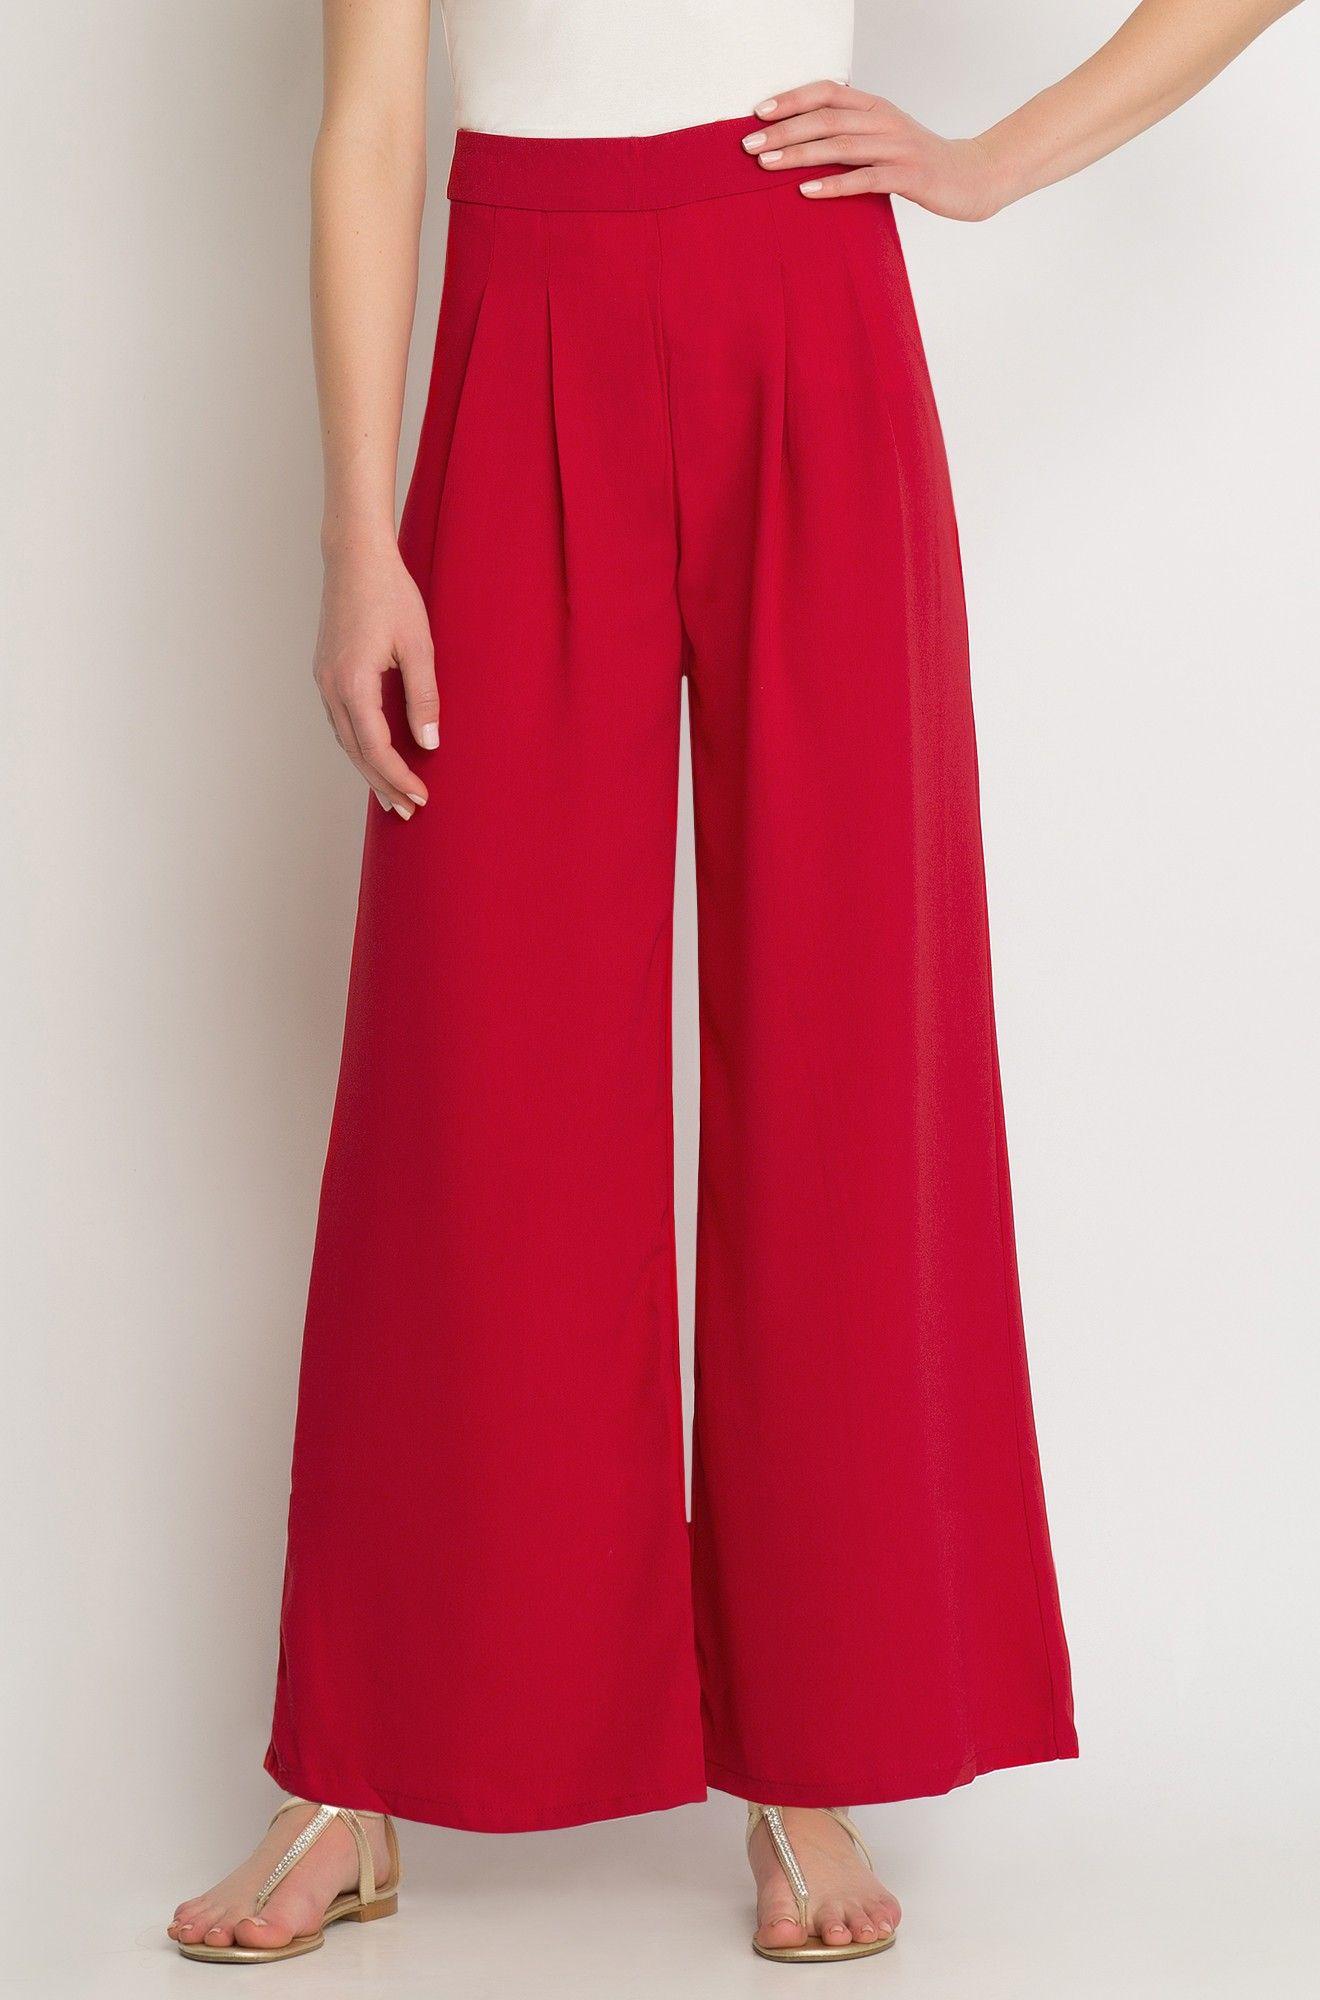 Marlenehose im Oversize-Stil | Fashion things - CITY Shopping ...